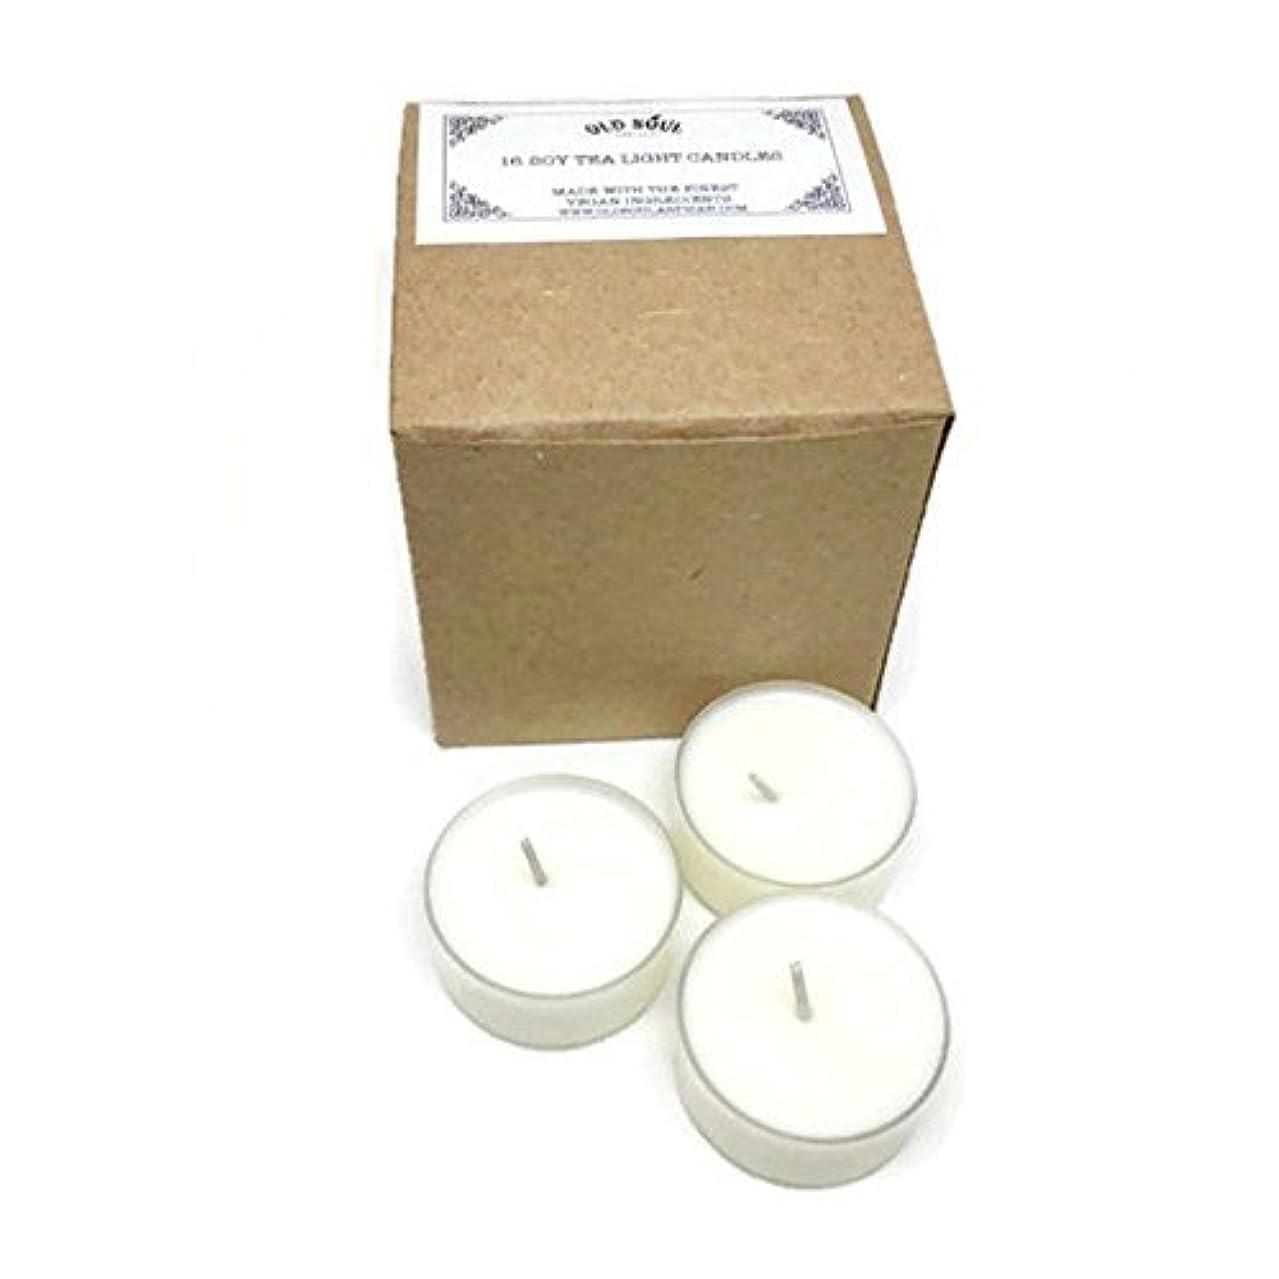 契約したいいね抑制Egyptian Amber Scented Vegan Soy Tea Light Candles - 16 Box Set [並行輸入品]